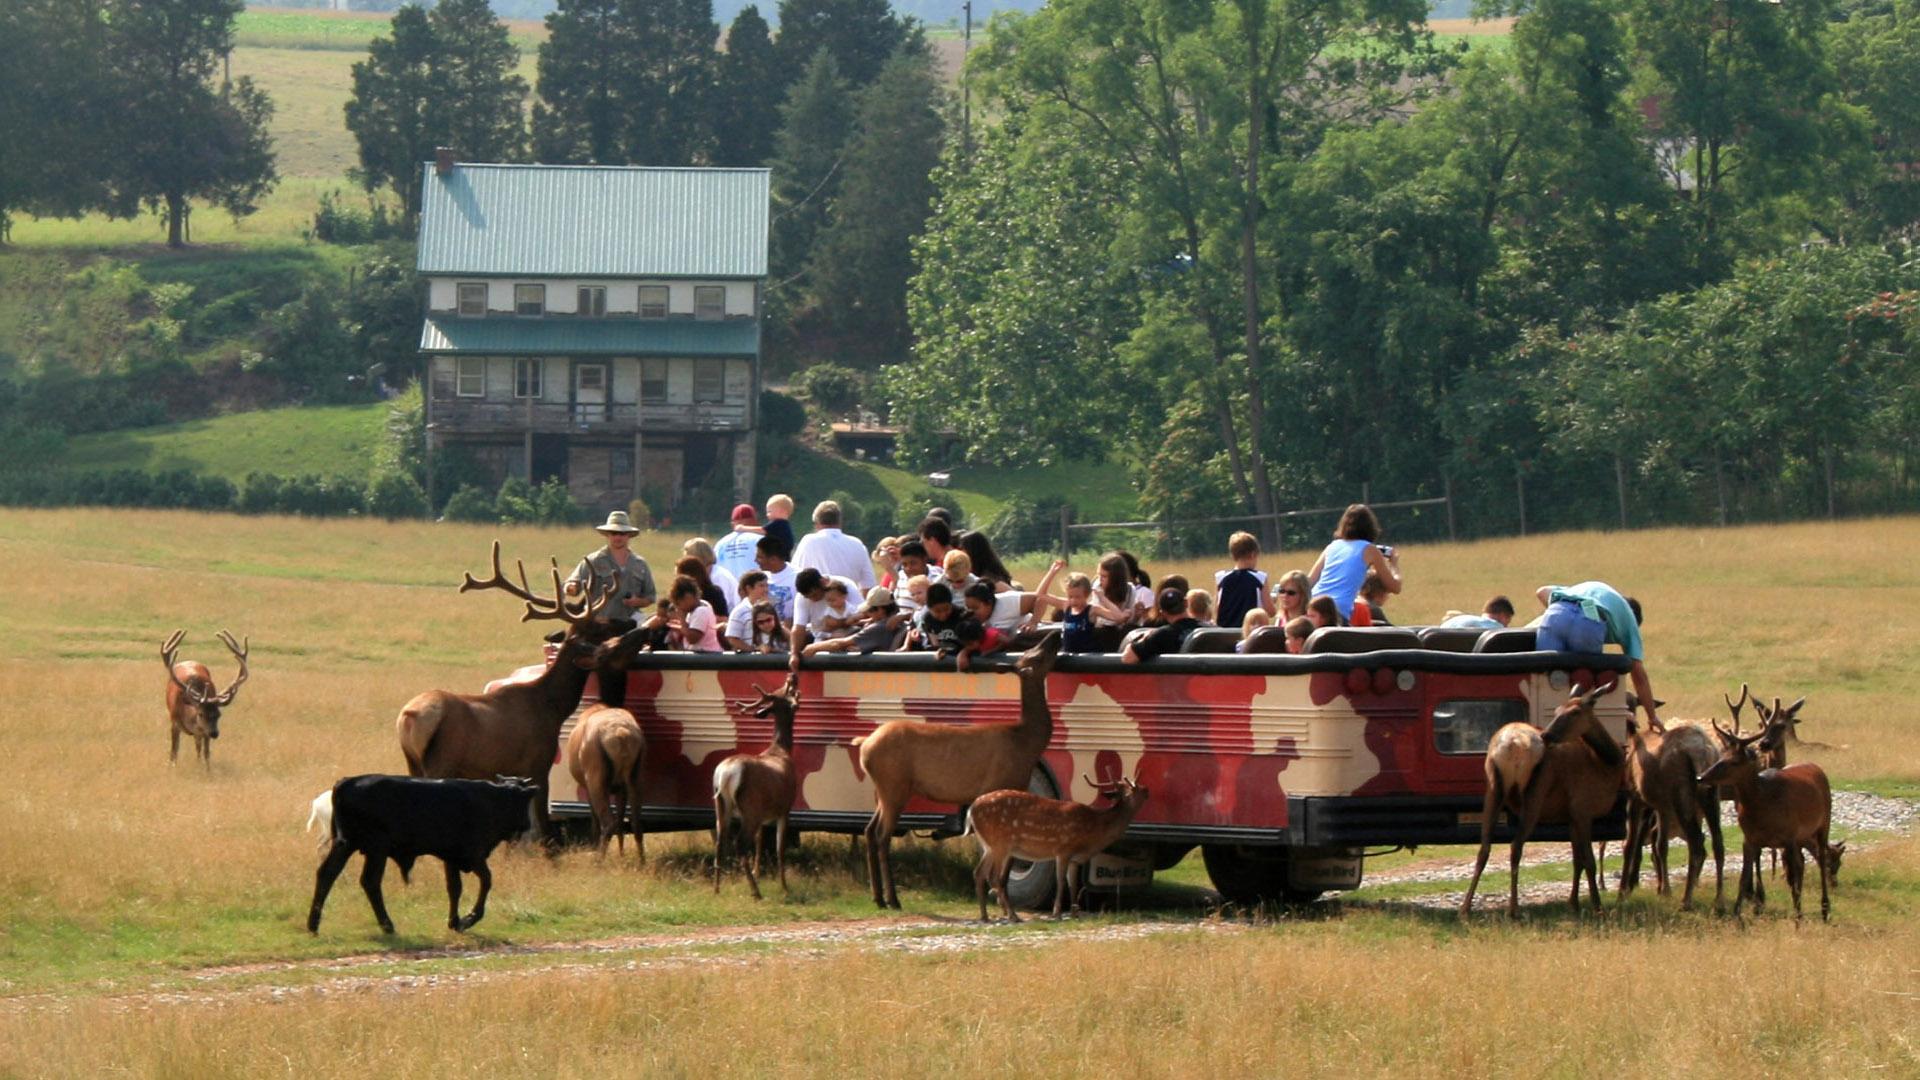 Safari Tour at Lake Tobias Wildlife Park